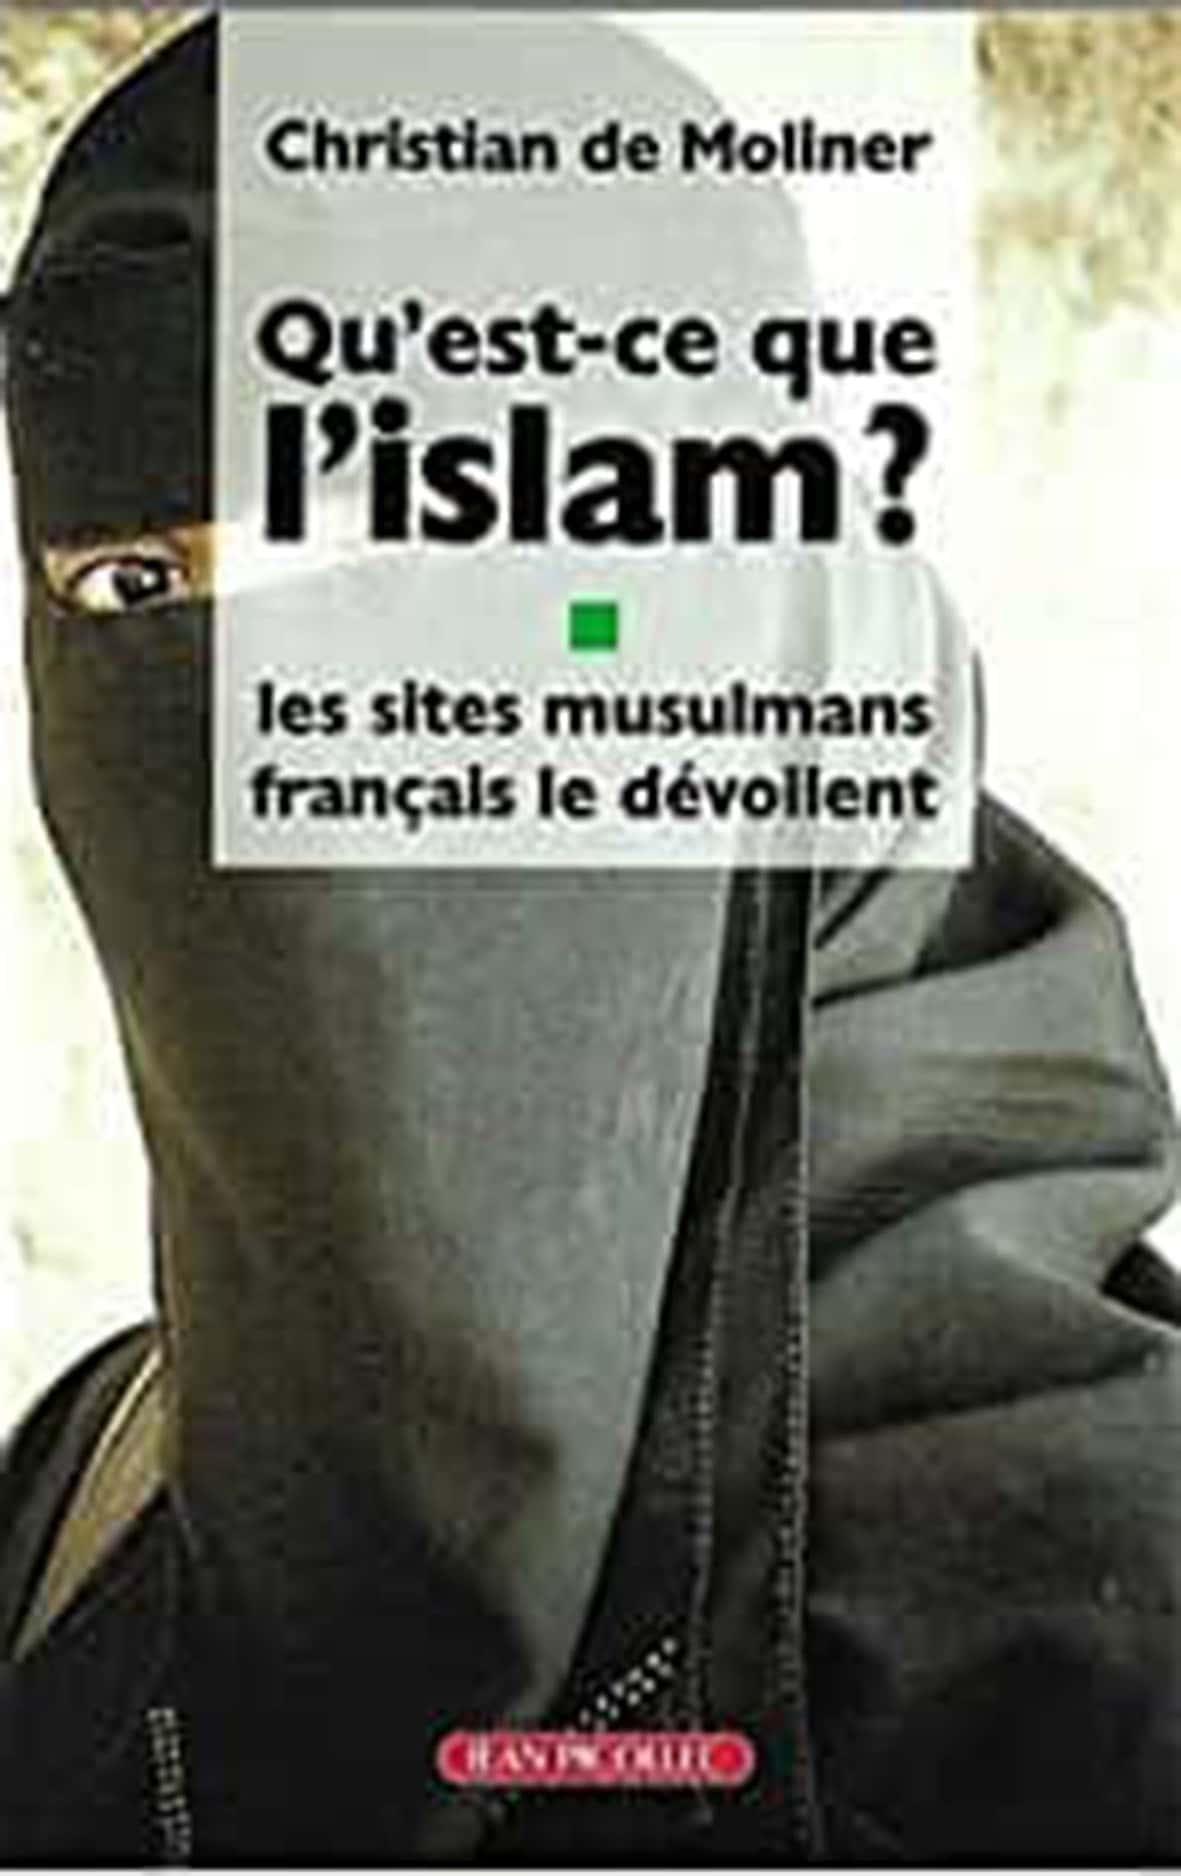 Qu'est-ce que l'islam? Christian de Moliner (Jean Picollec éditeur, 170 pages, 15euros).